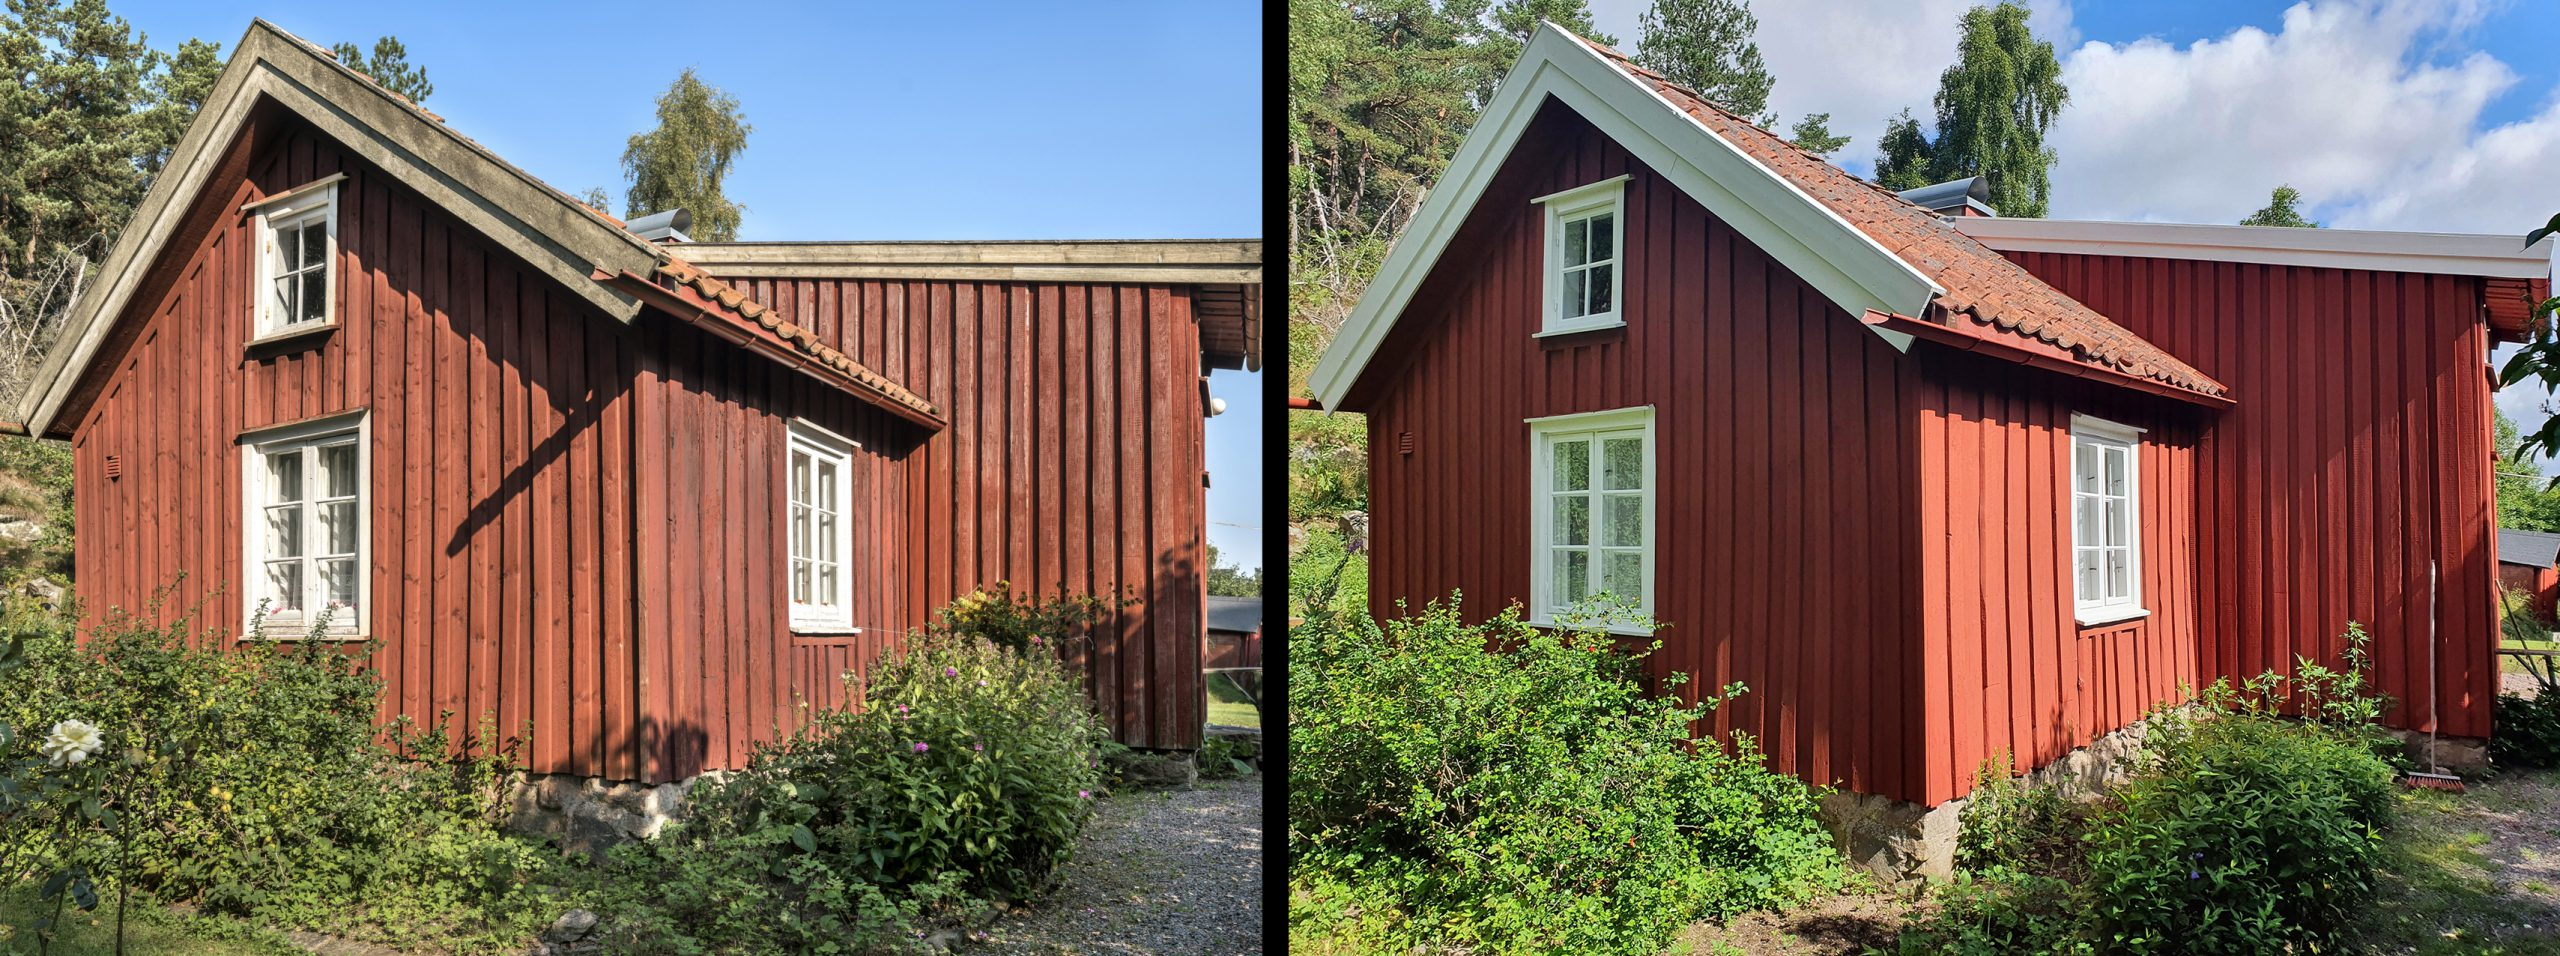 Före och efter renoveringen av Torpet Klara